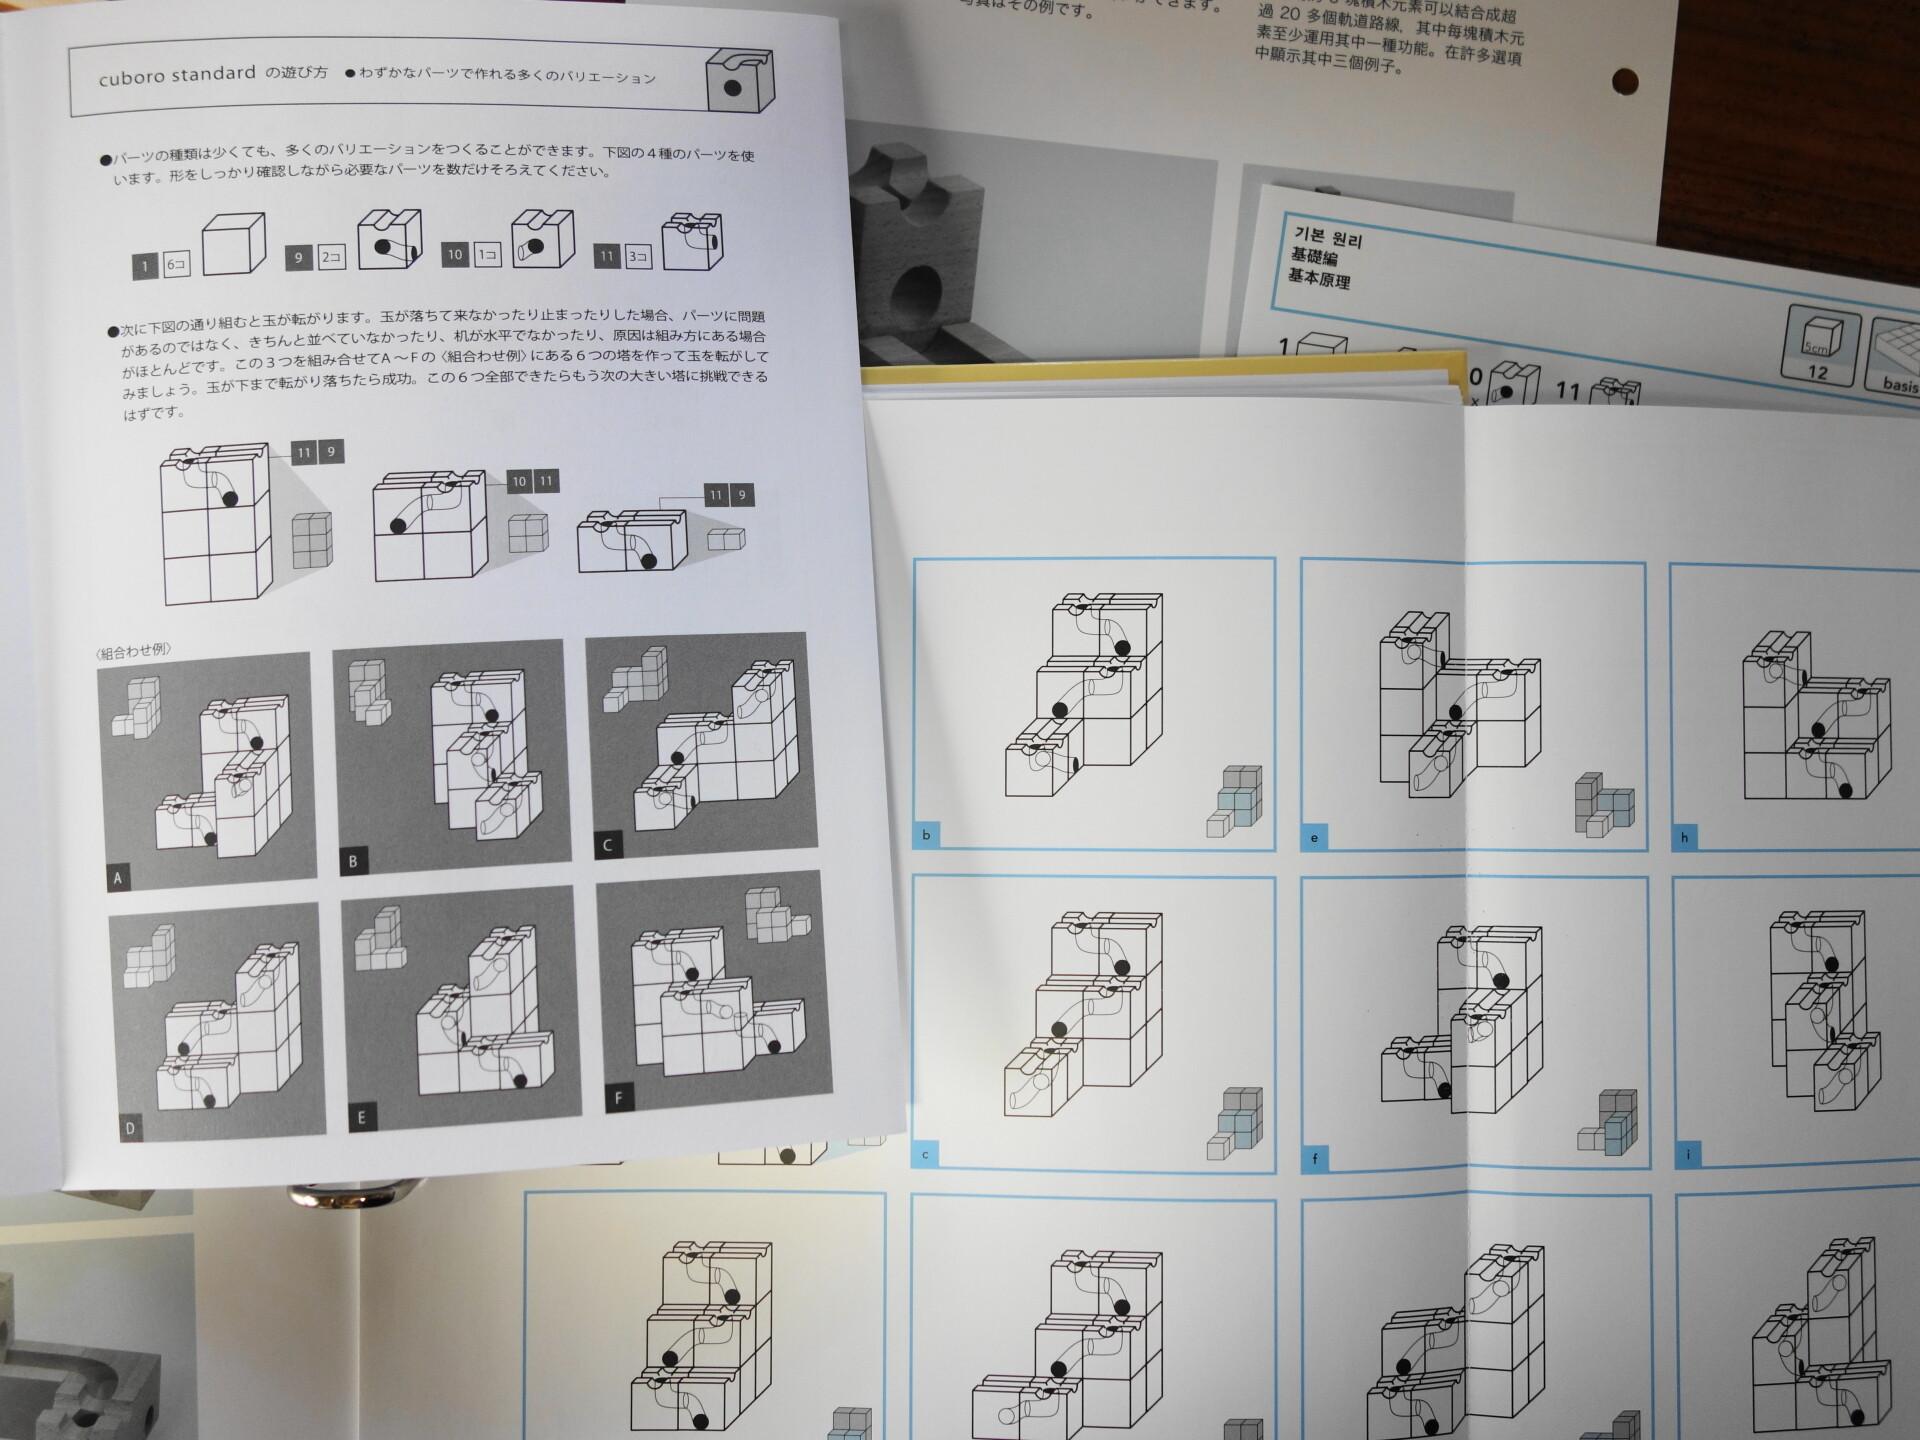 日本語解説書との比較